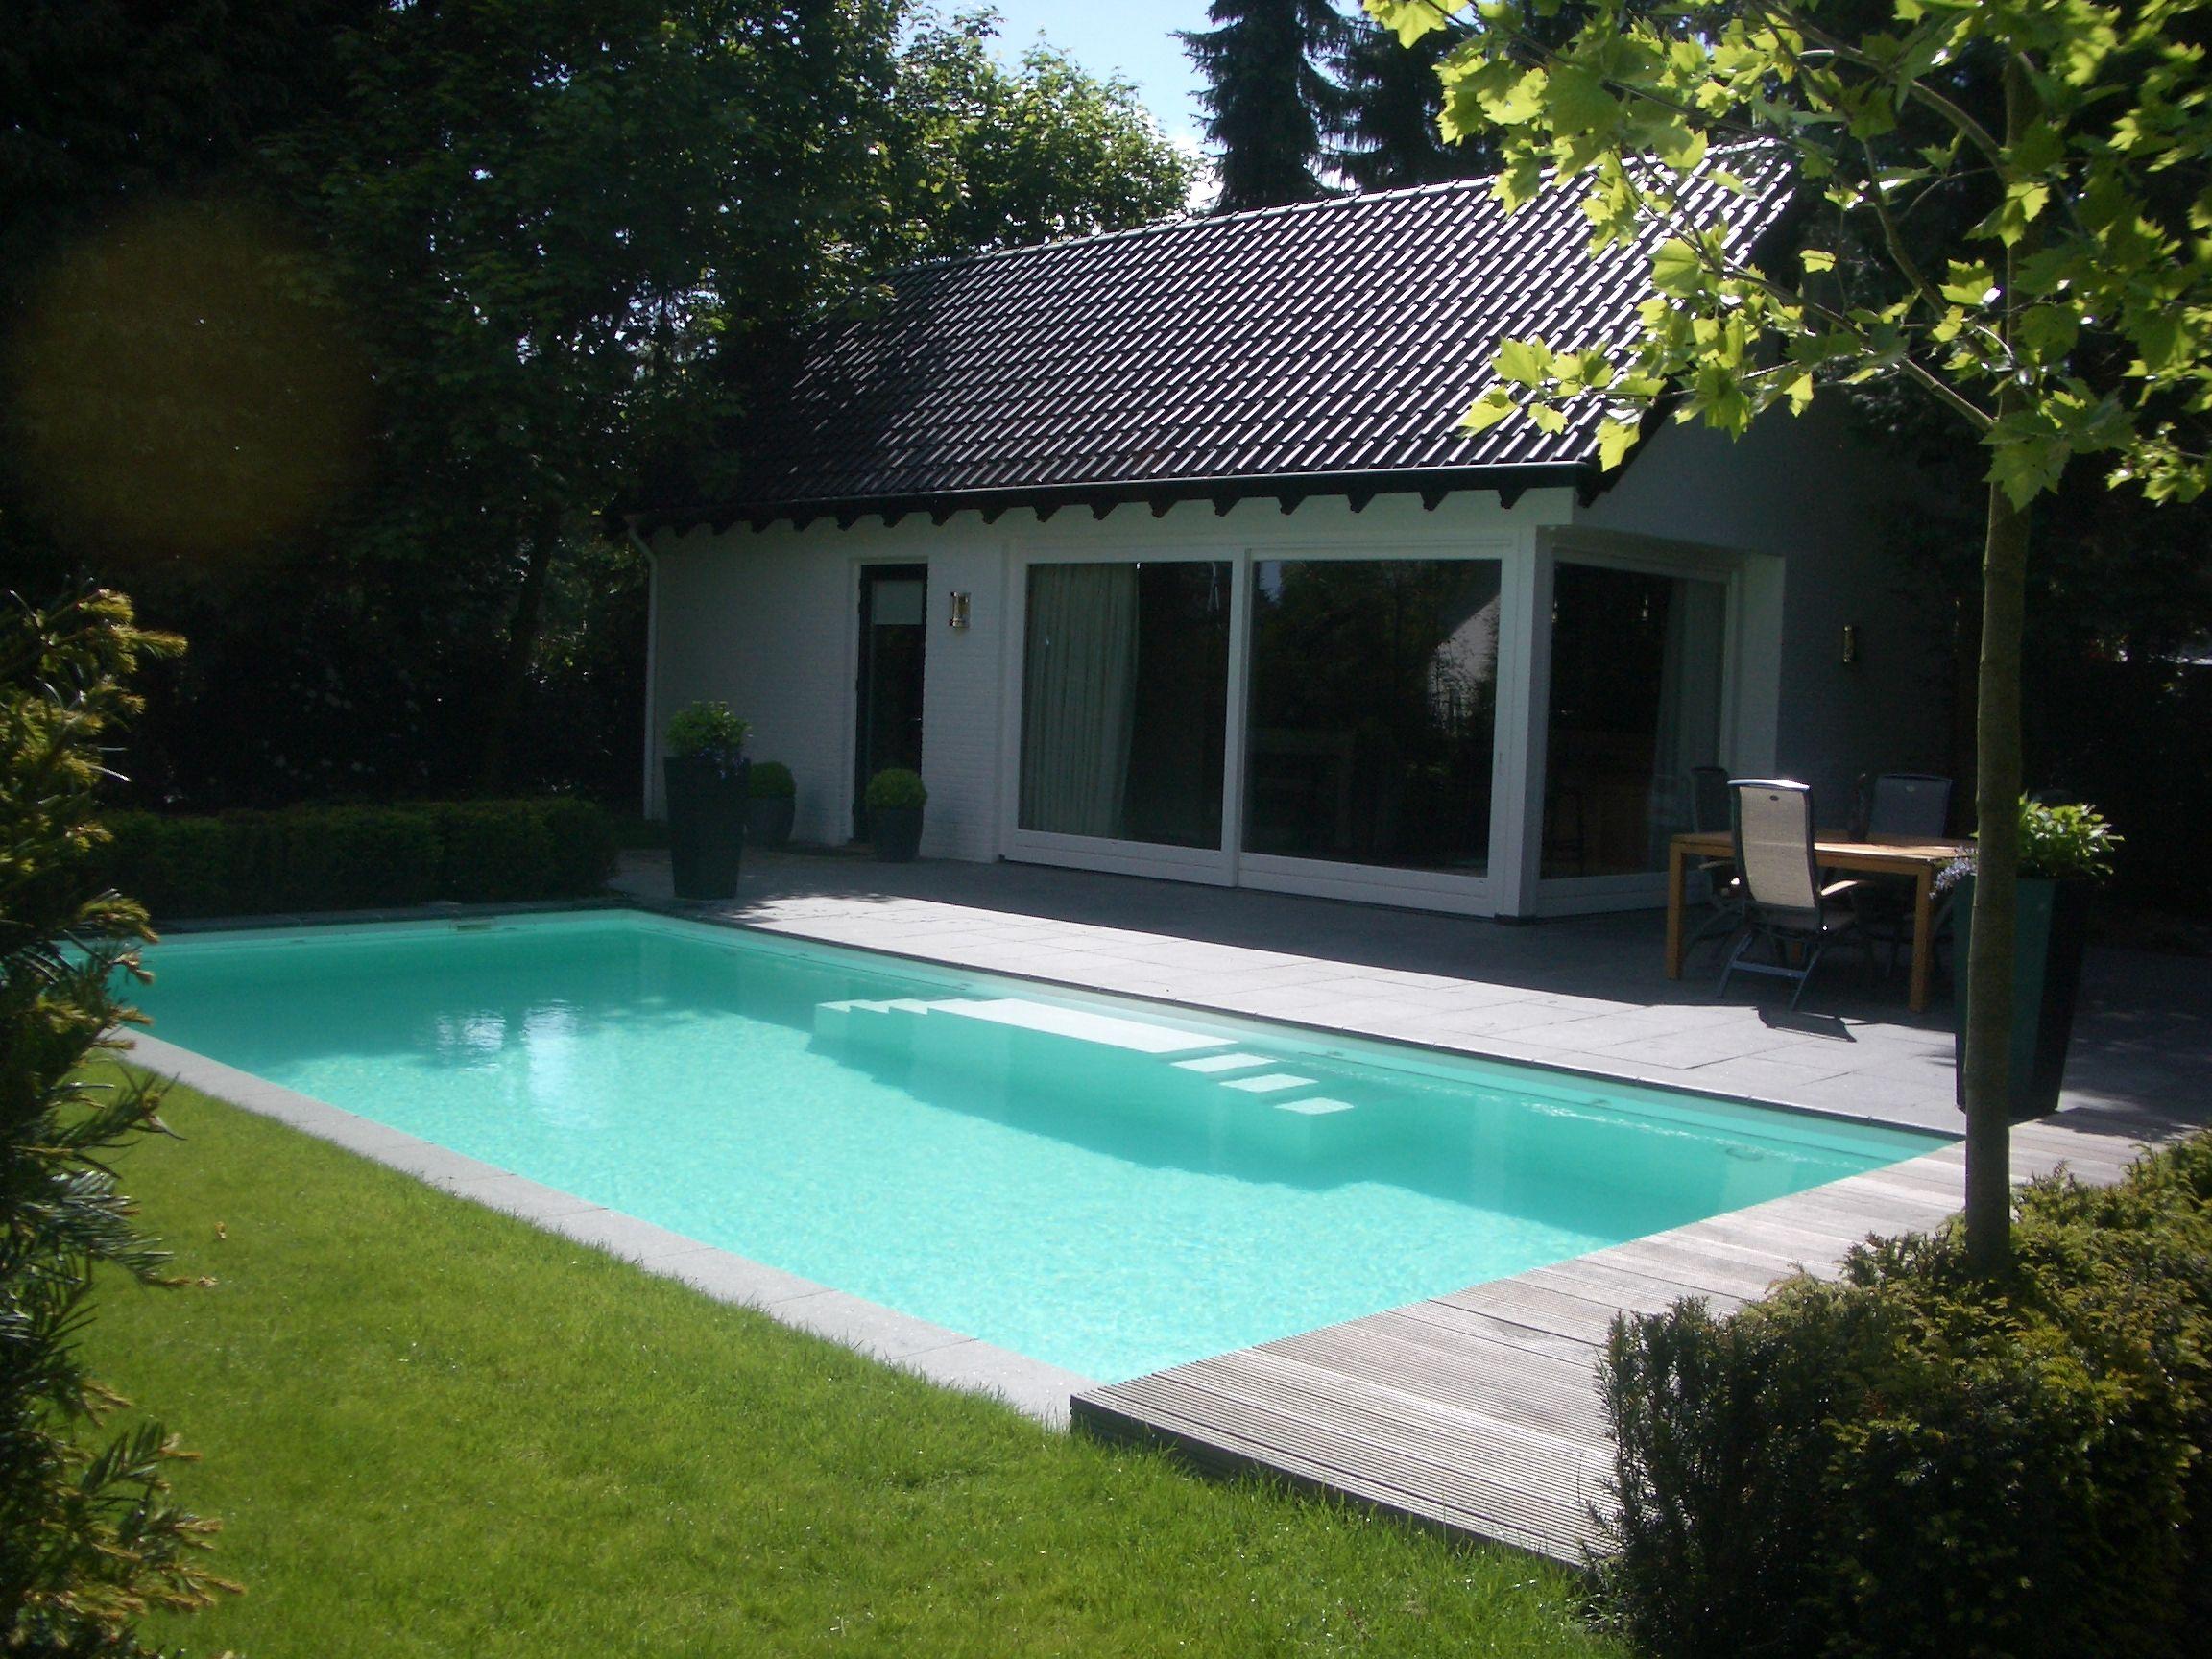 Mooi zwembad in de tuin met witte folie en een trap aan de - Deco tuin met zwembad ...